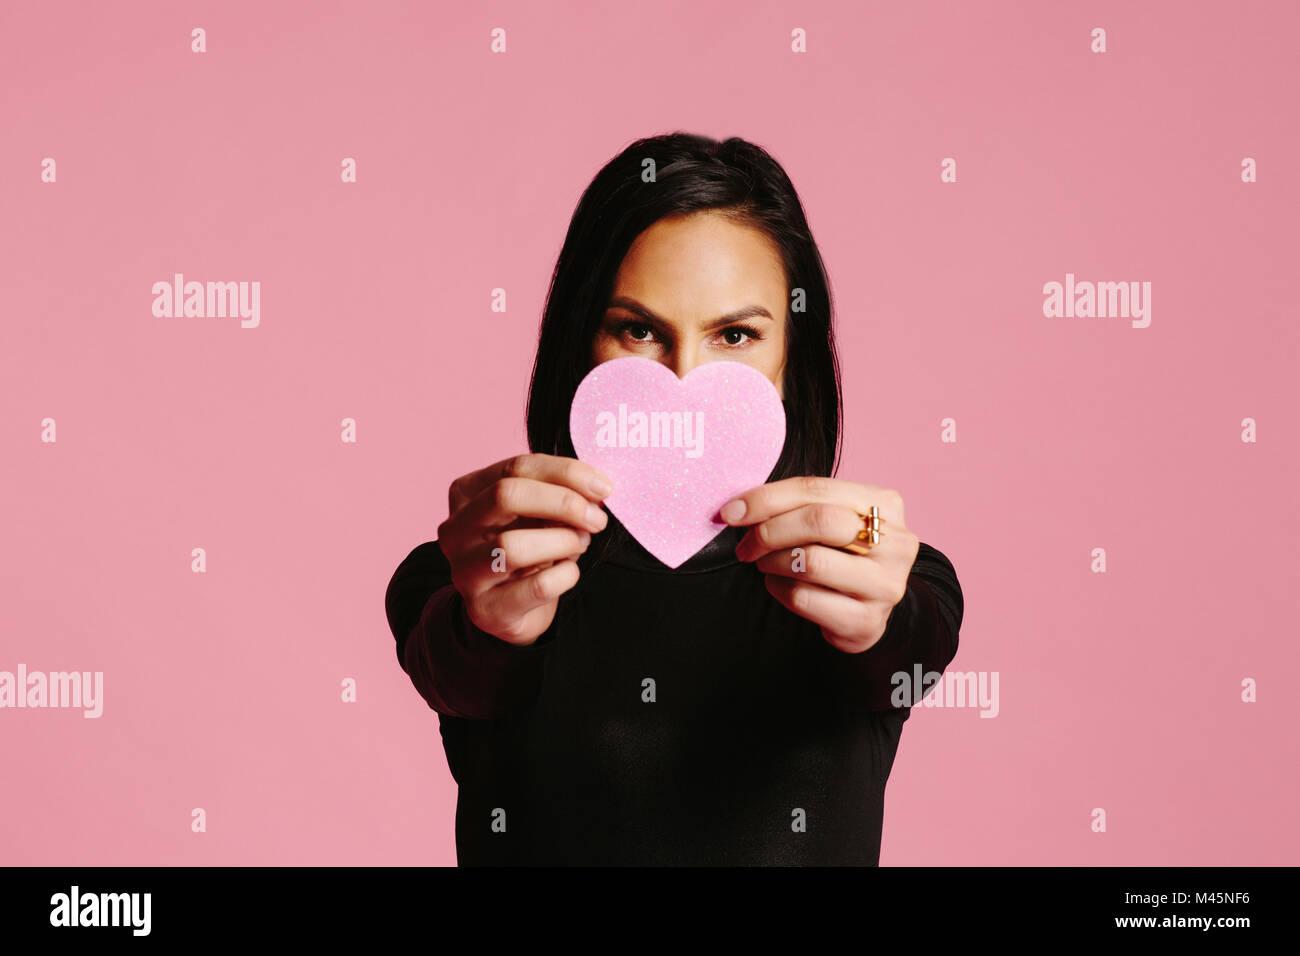 Woman in Black montrant coeur rose couvrant la moitié de son visage, être mon Valentin Photo Stock